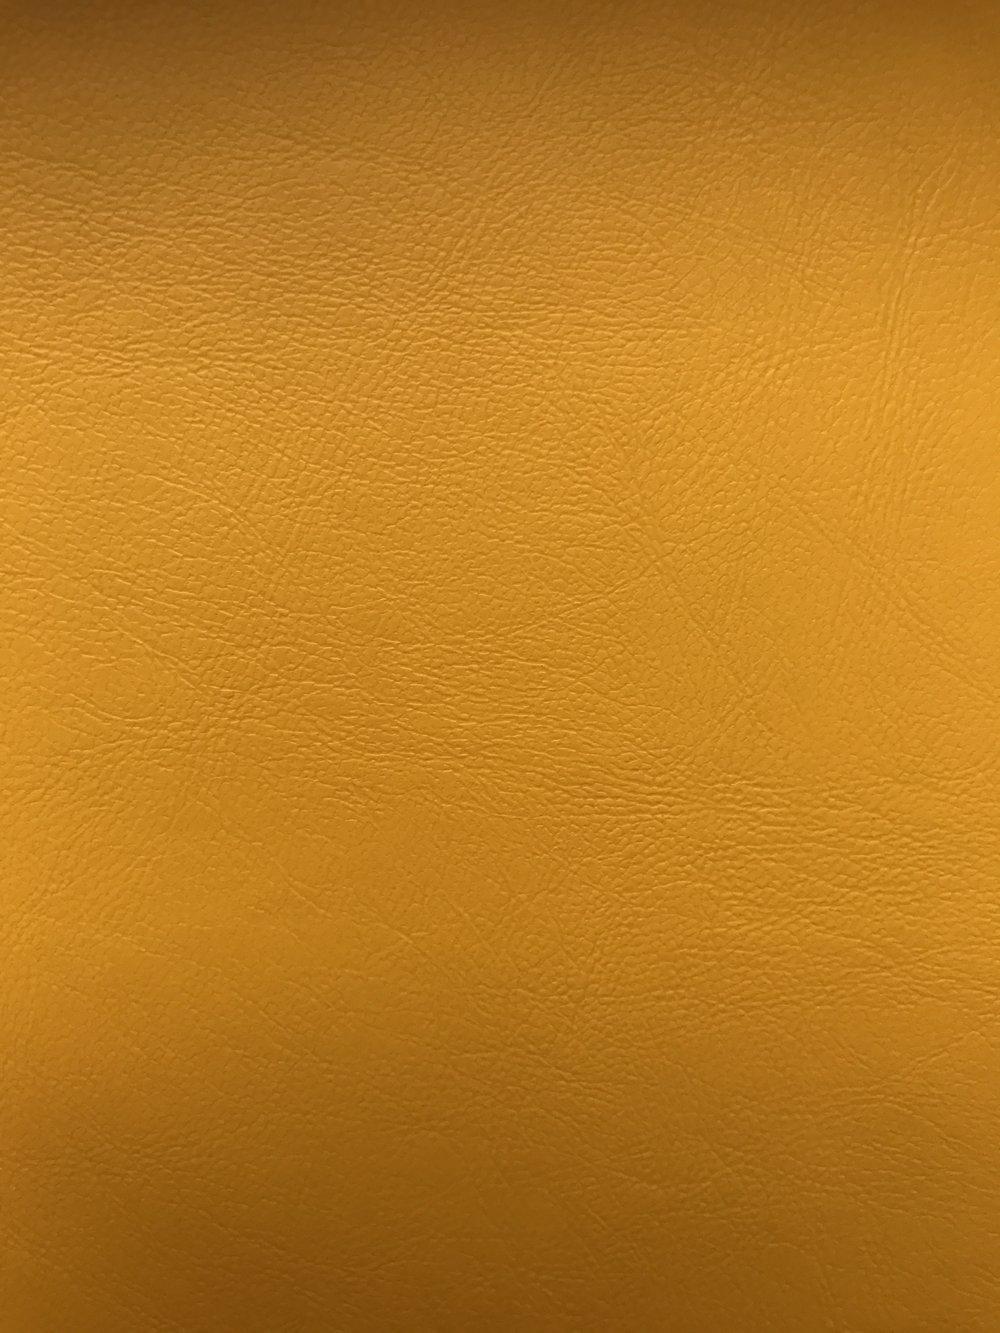 B14 Yellow